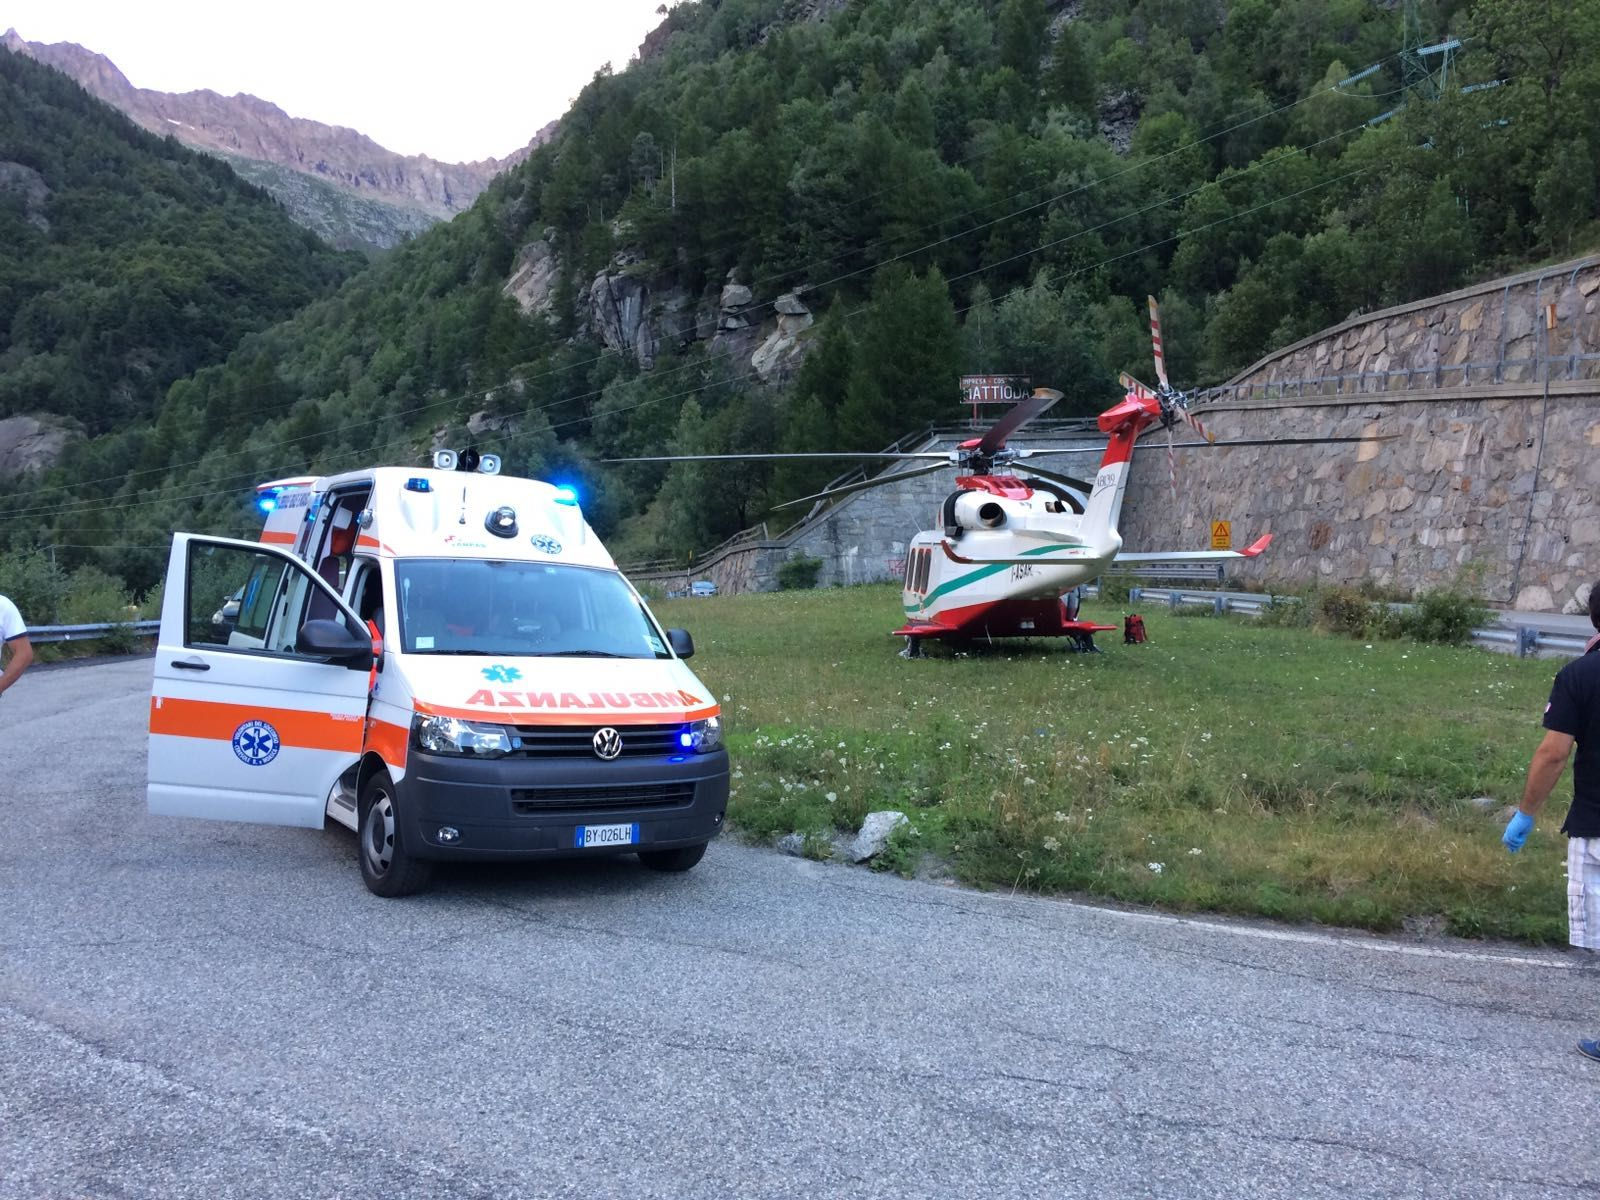 CERESOLE-NOASCA - I volontari potranno utilizzare l'ambulanza